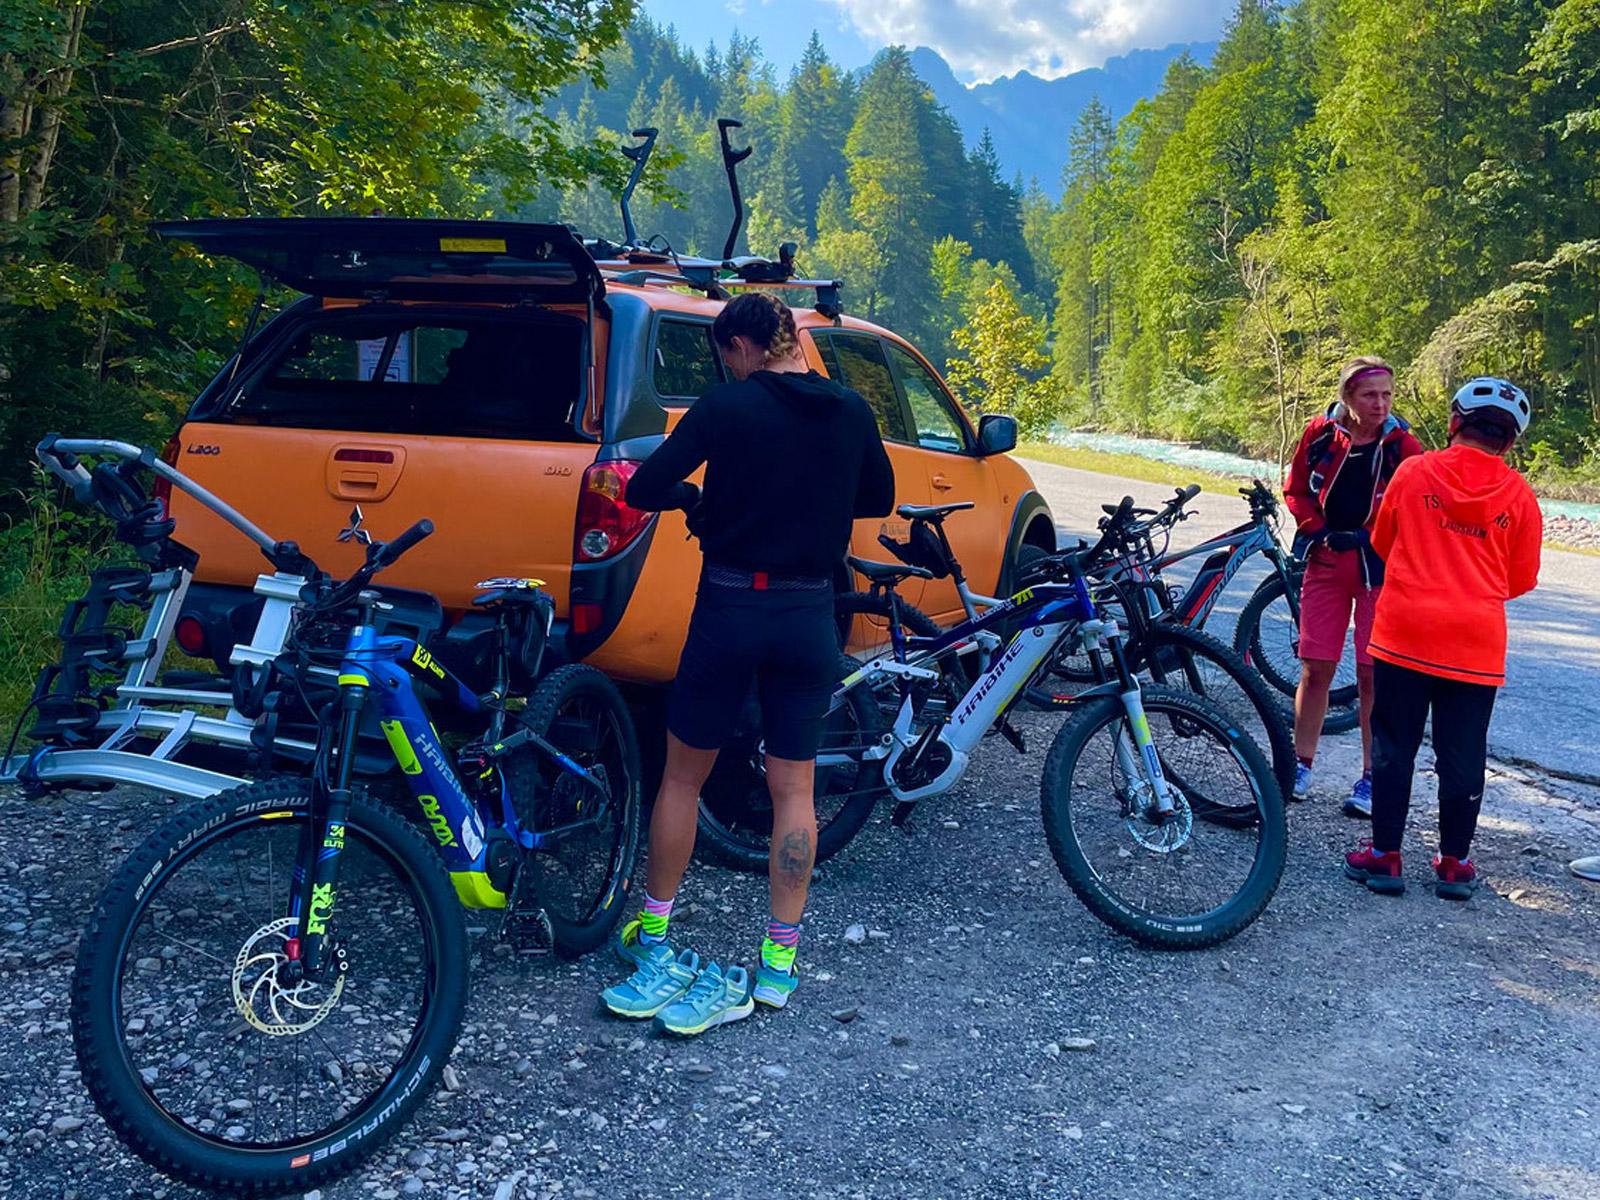 Mountainbike-Tour in das Karwendelgebirge